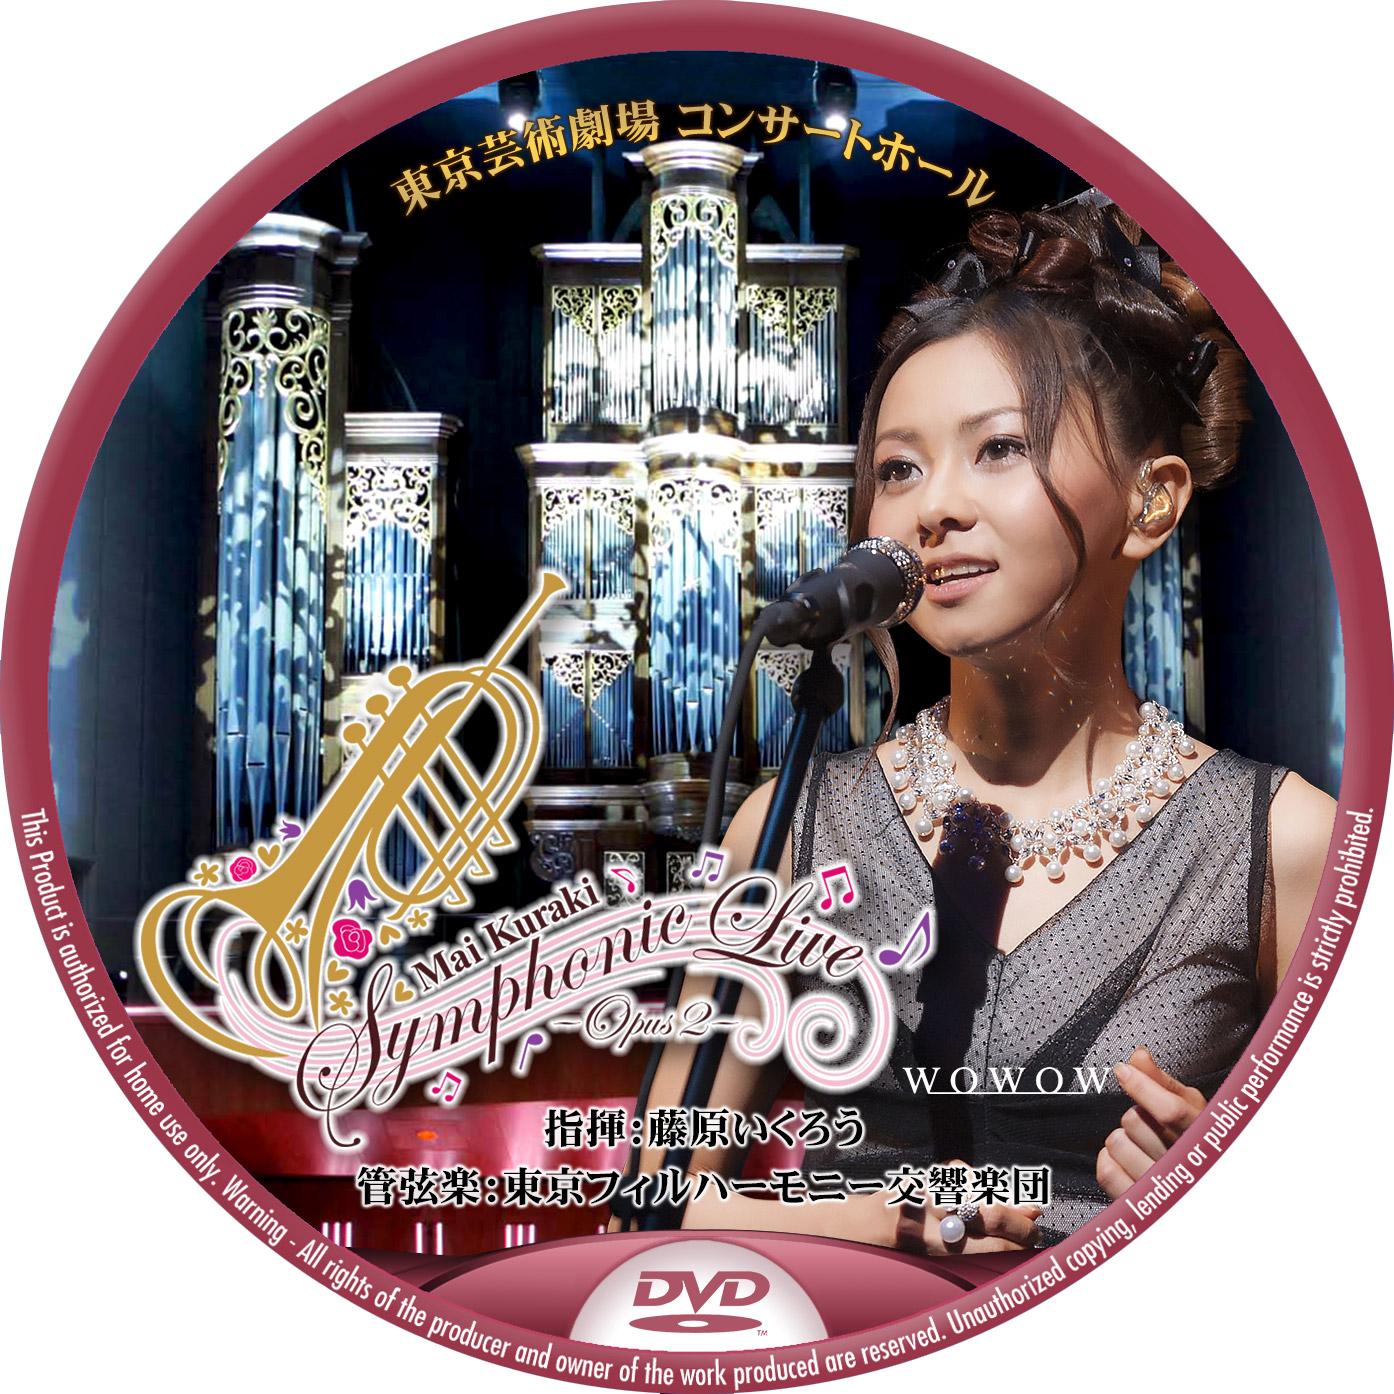 倉木麻衣 WOWOW DVDラベル